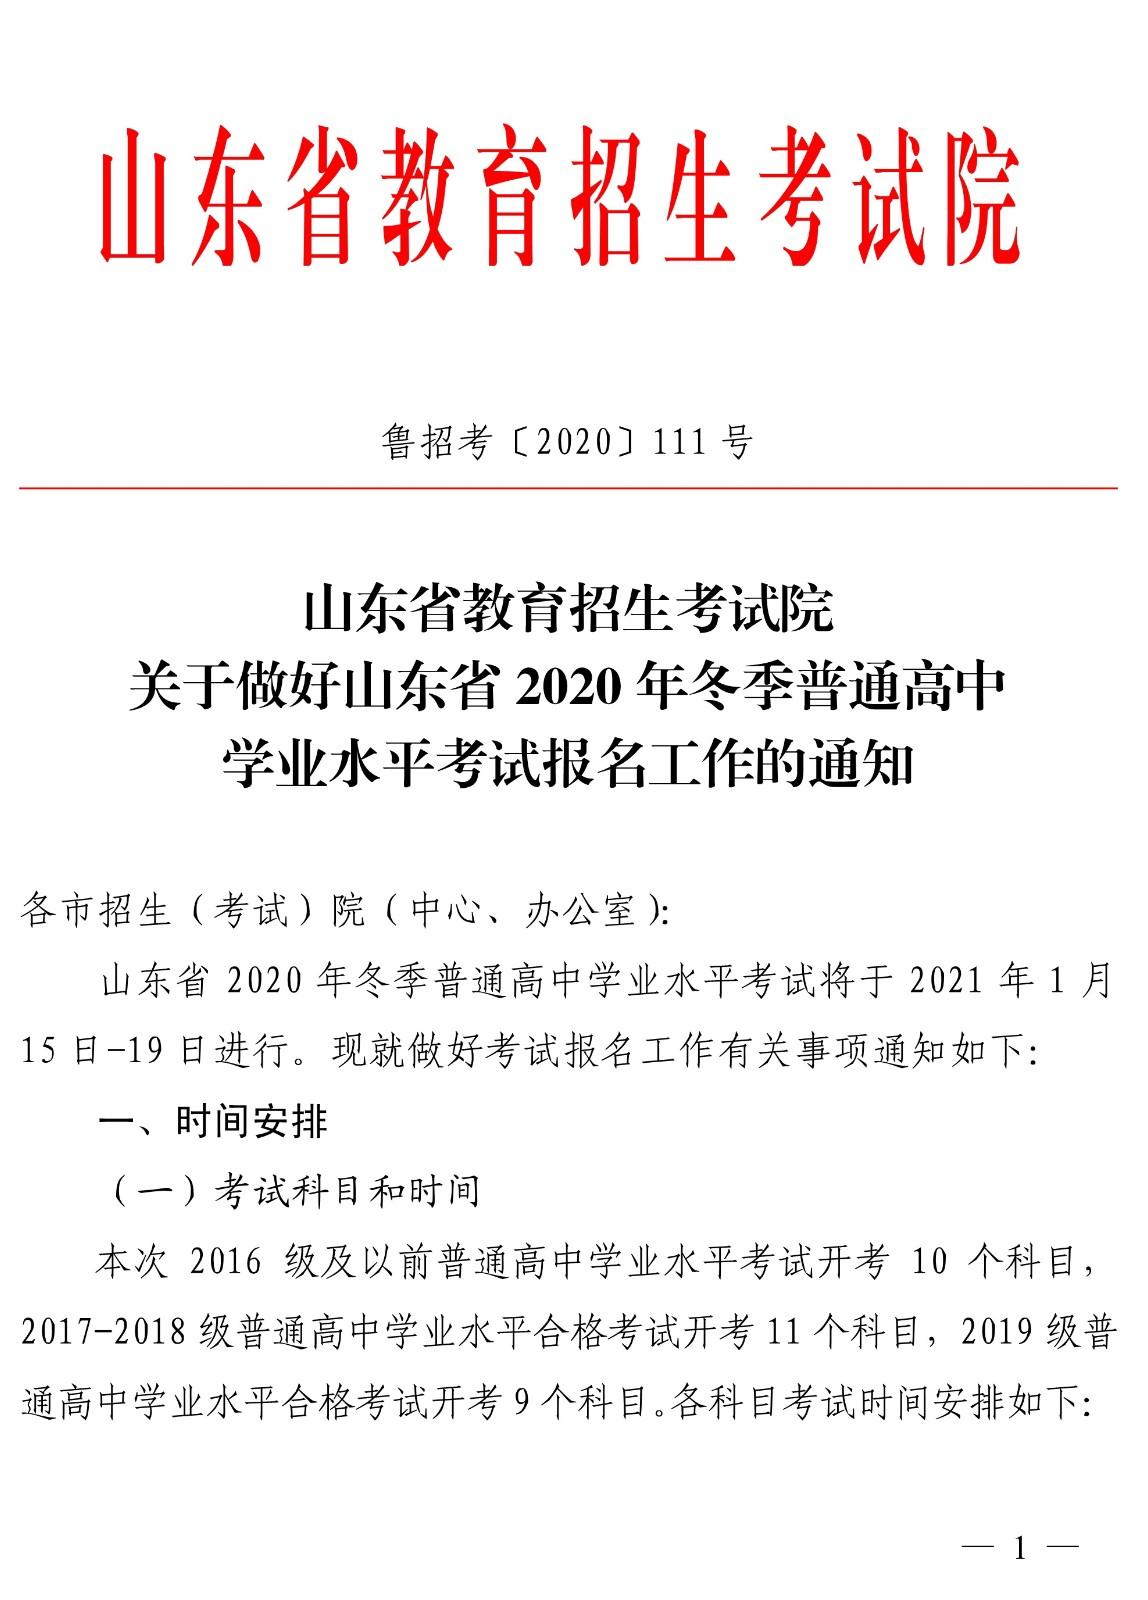 山东冬季高中学考10月30日起报名确认  2021年1月15日-19日考试